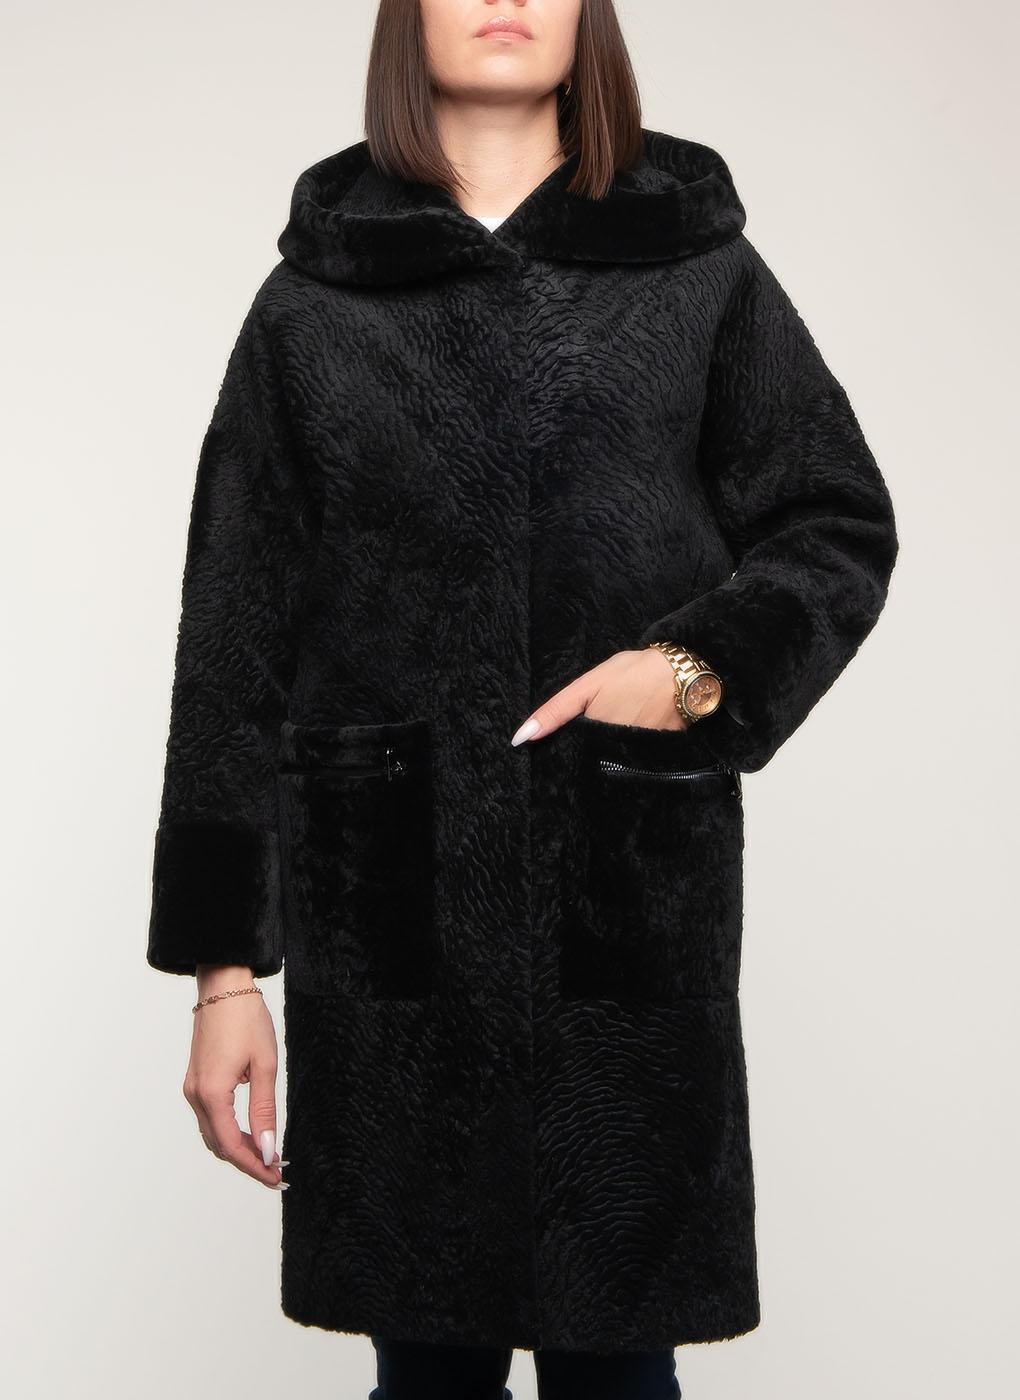 Пальто из овчины 14, FAVORIT фото